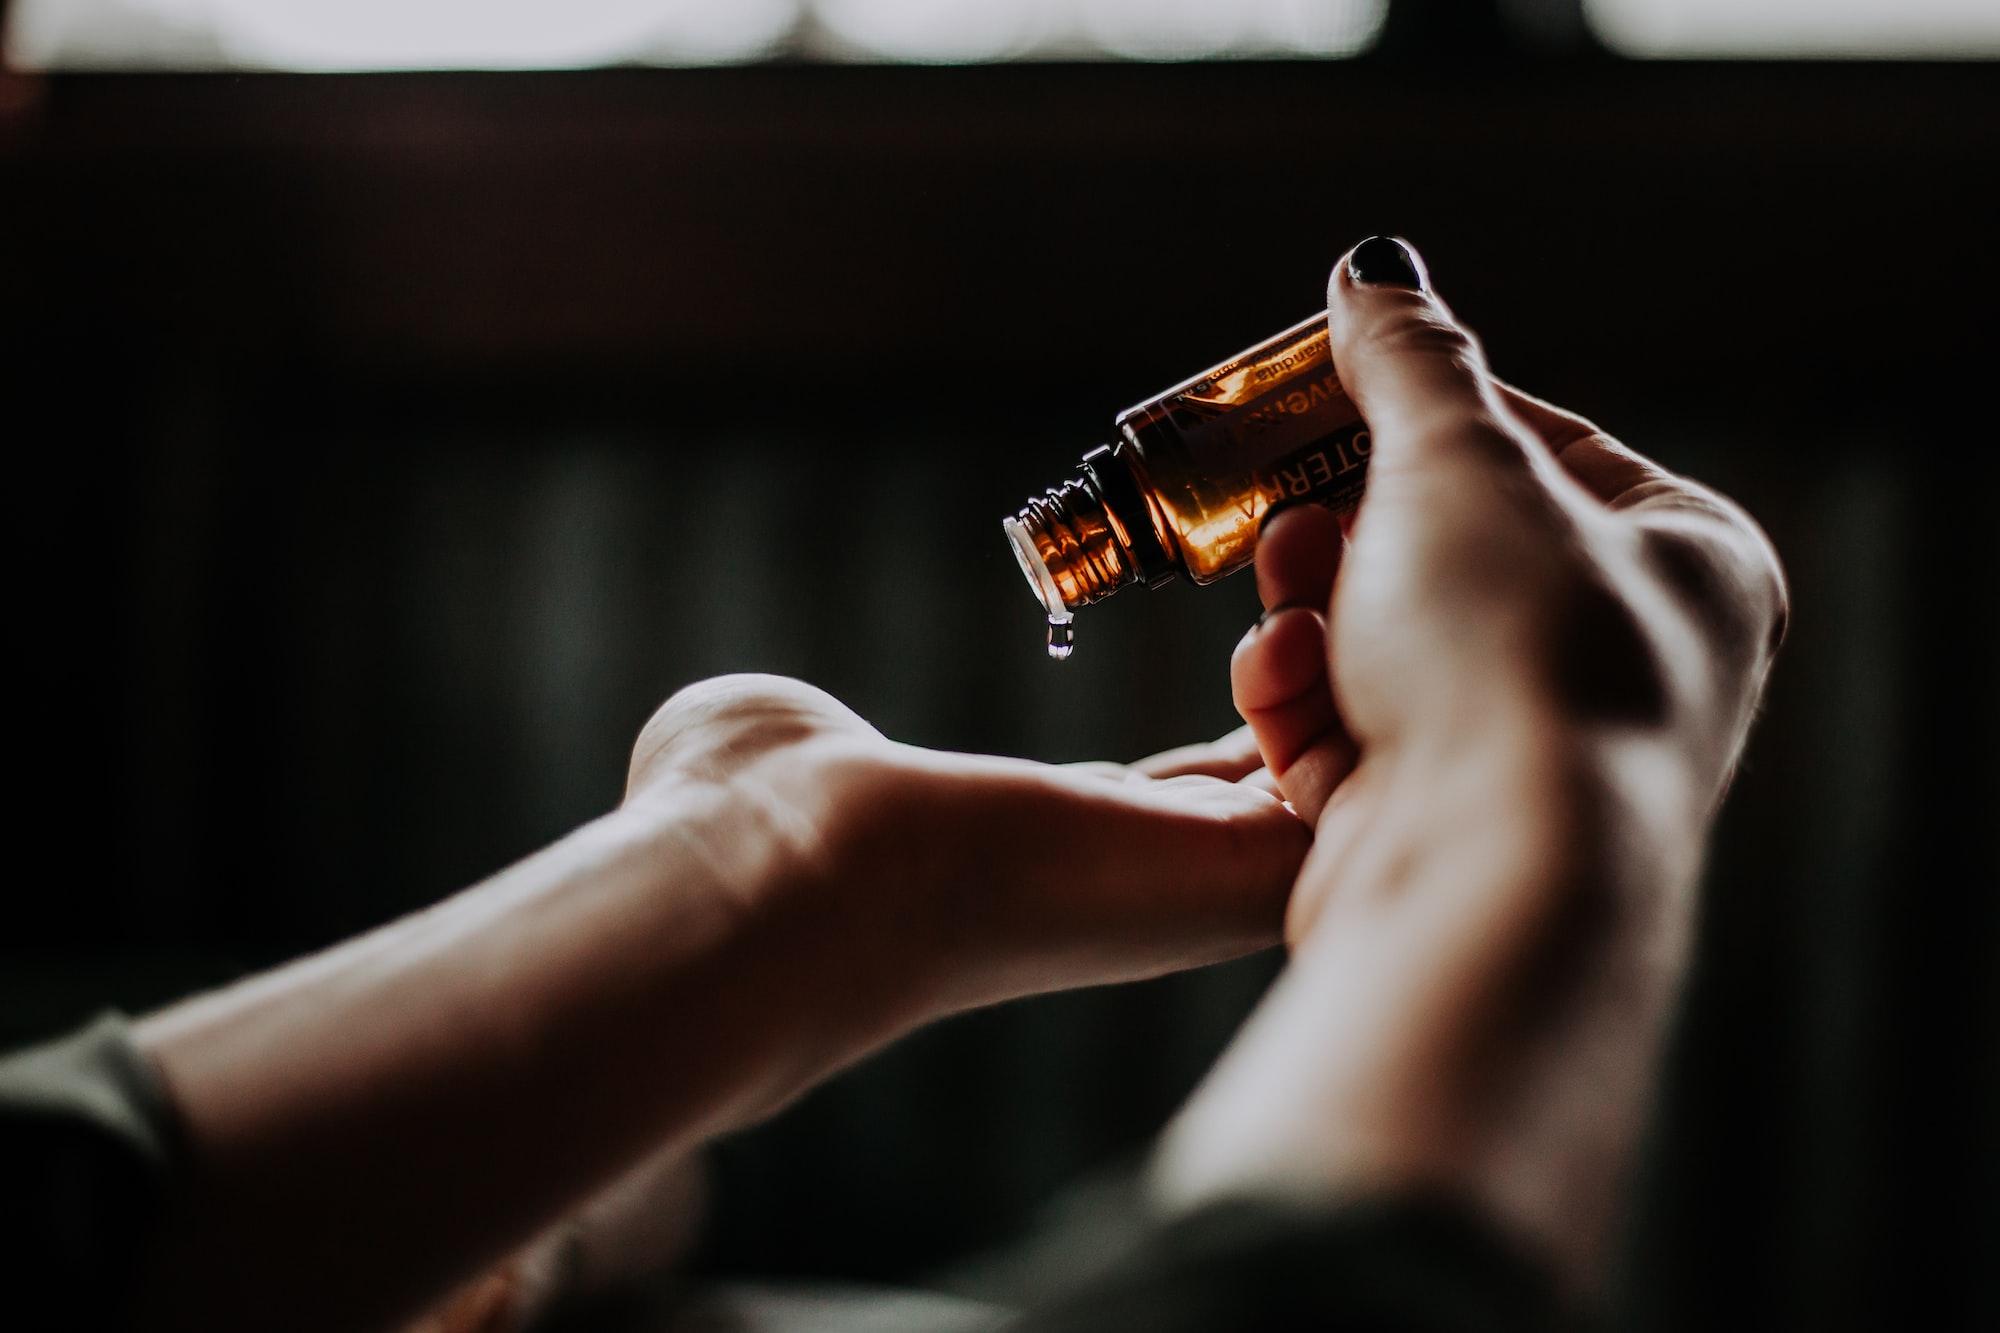 Plazma Sıvısının Deri Altı Dokusuna Ve Seroz Zarlara Yaygın Biçimde Sızması Bulmaca Anlamı Nedir?